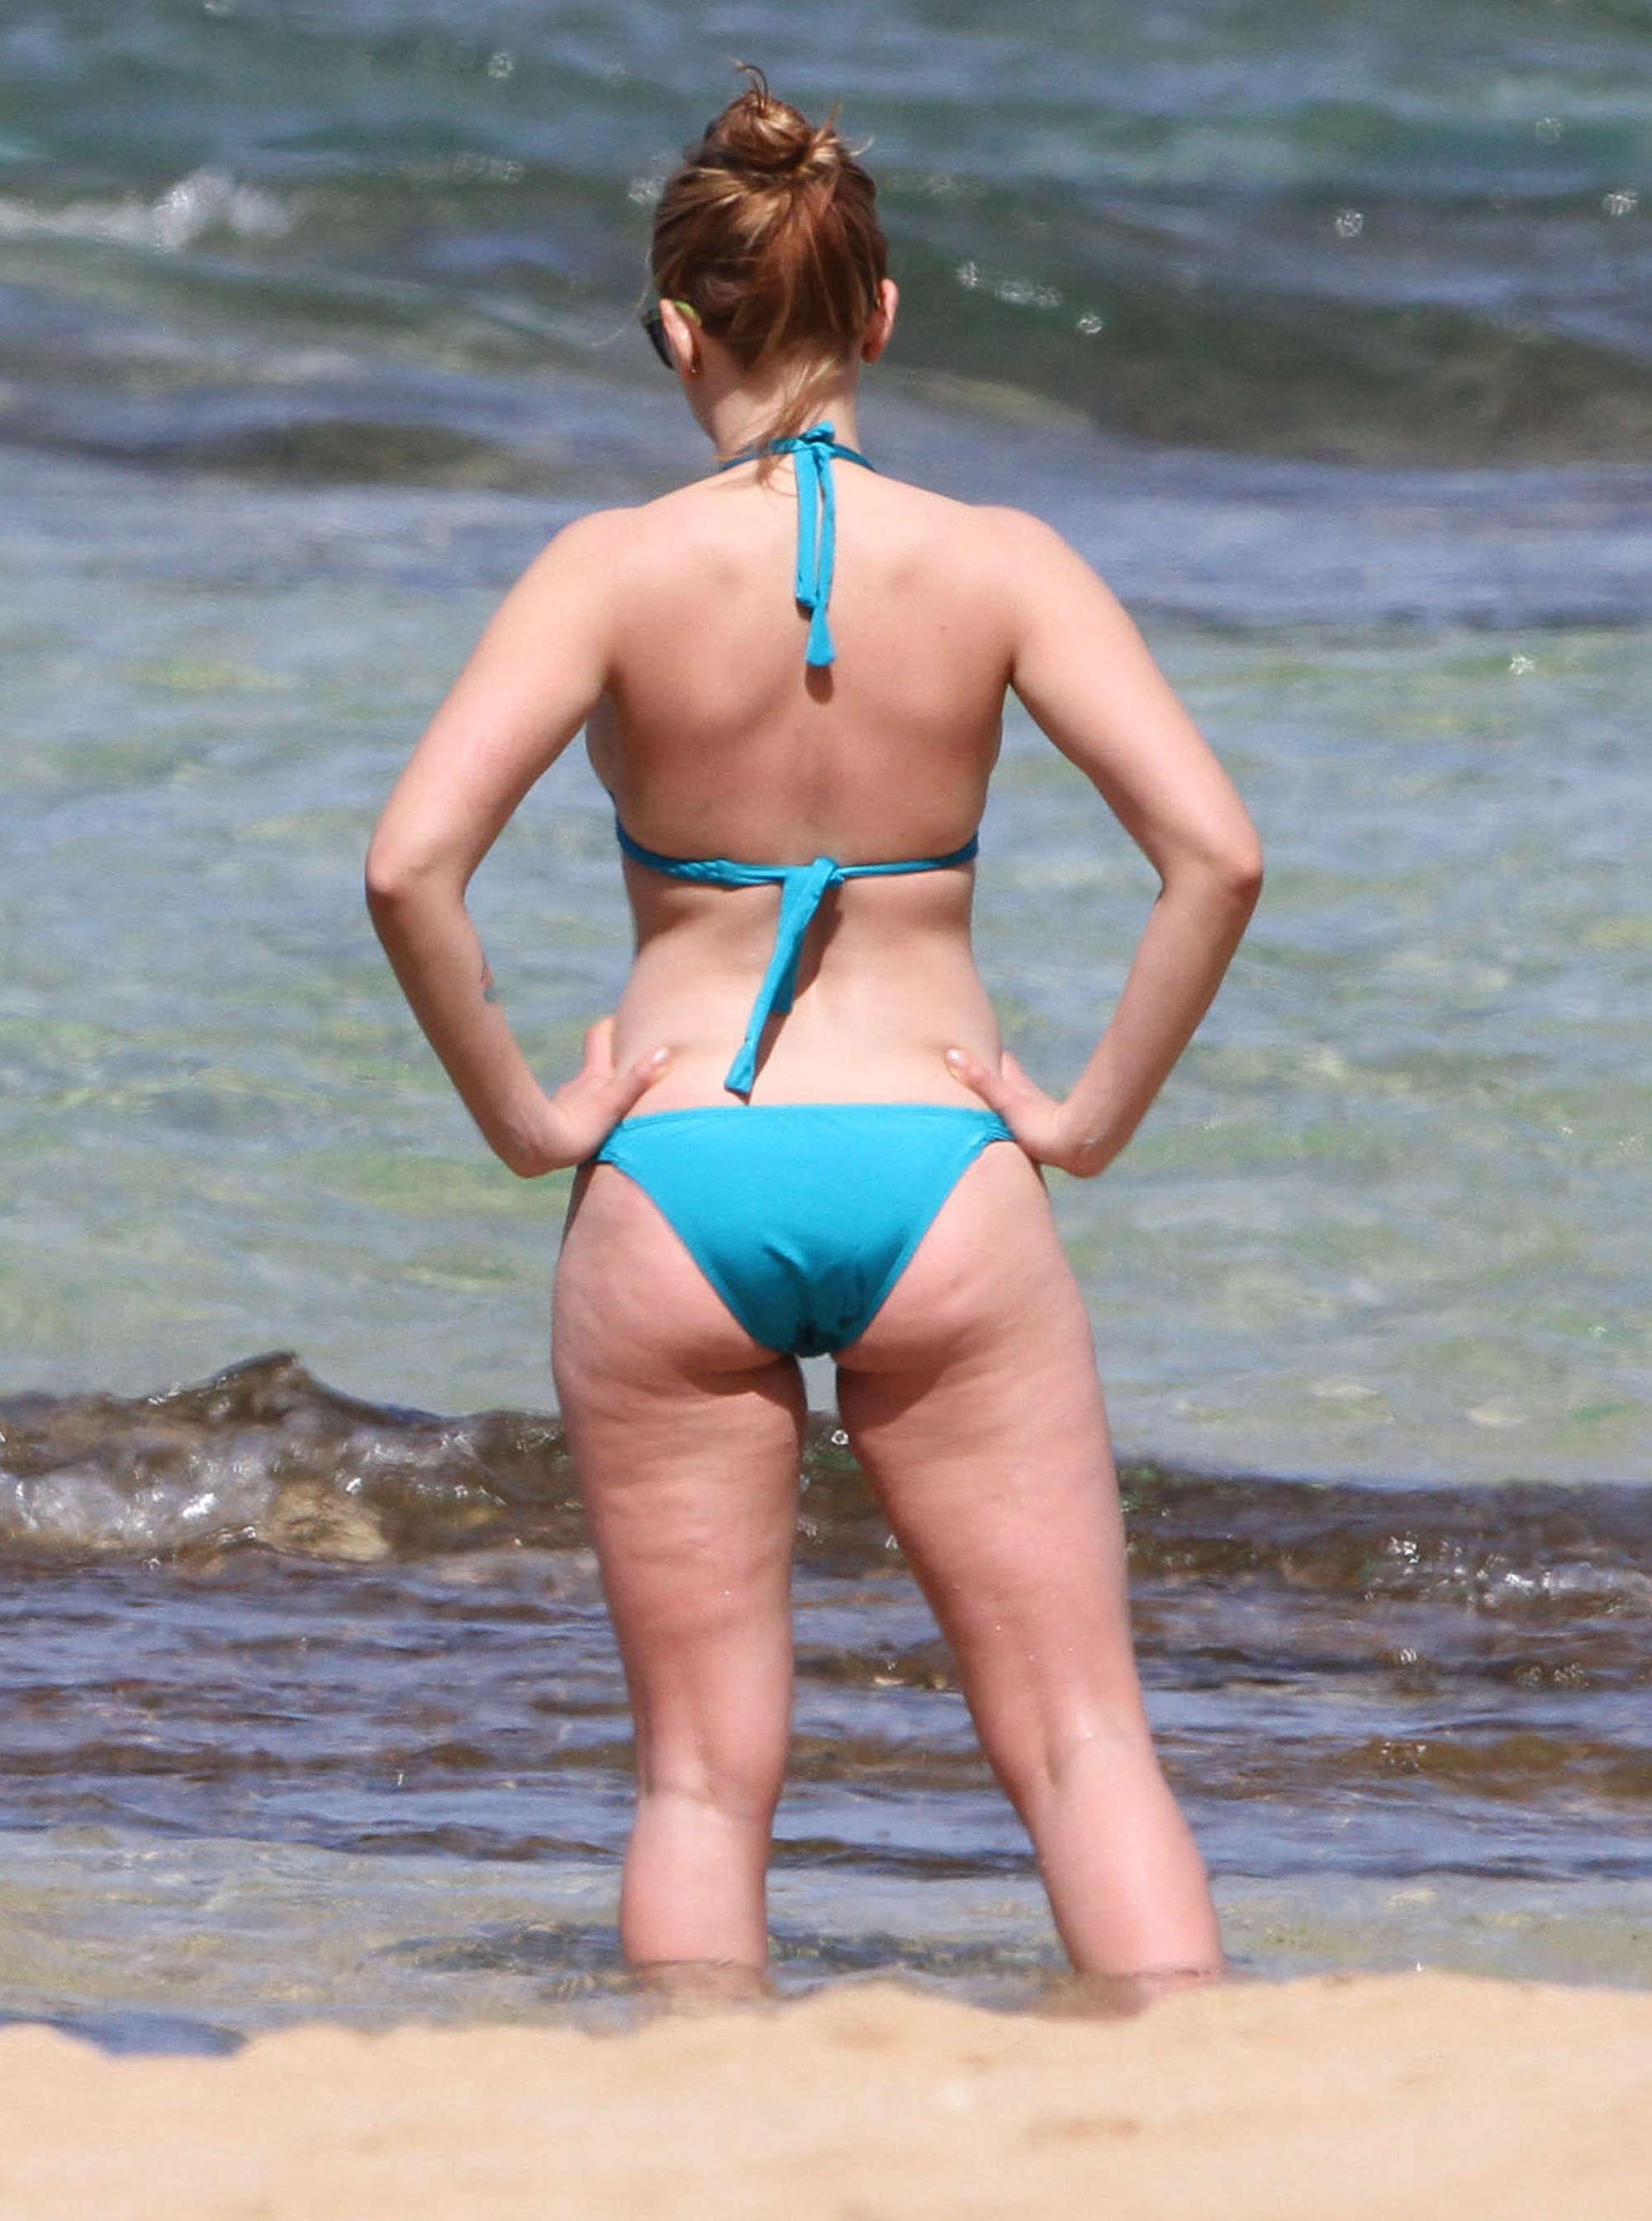 Sideboobs Joanne Vannicola naked (91 photo) Porno, Twitter, underwear